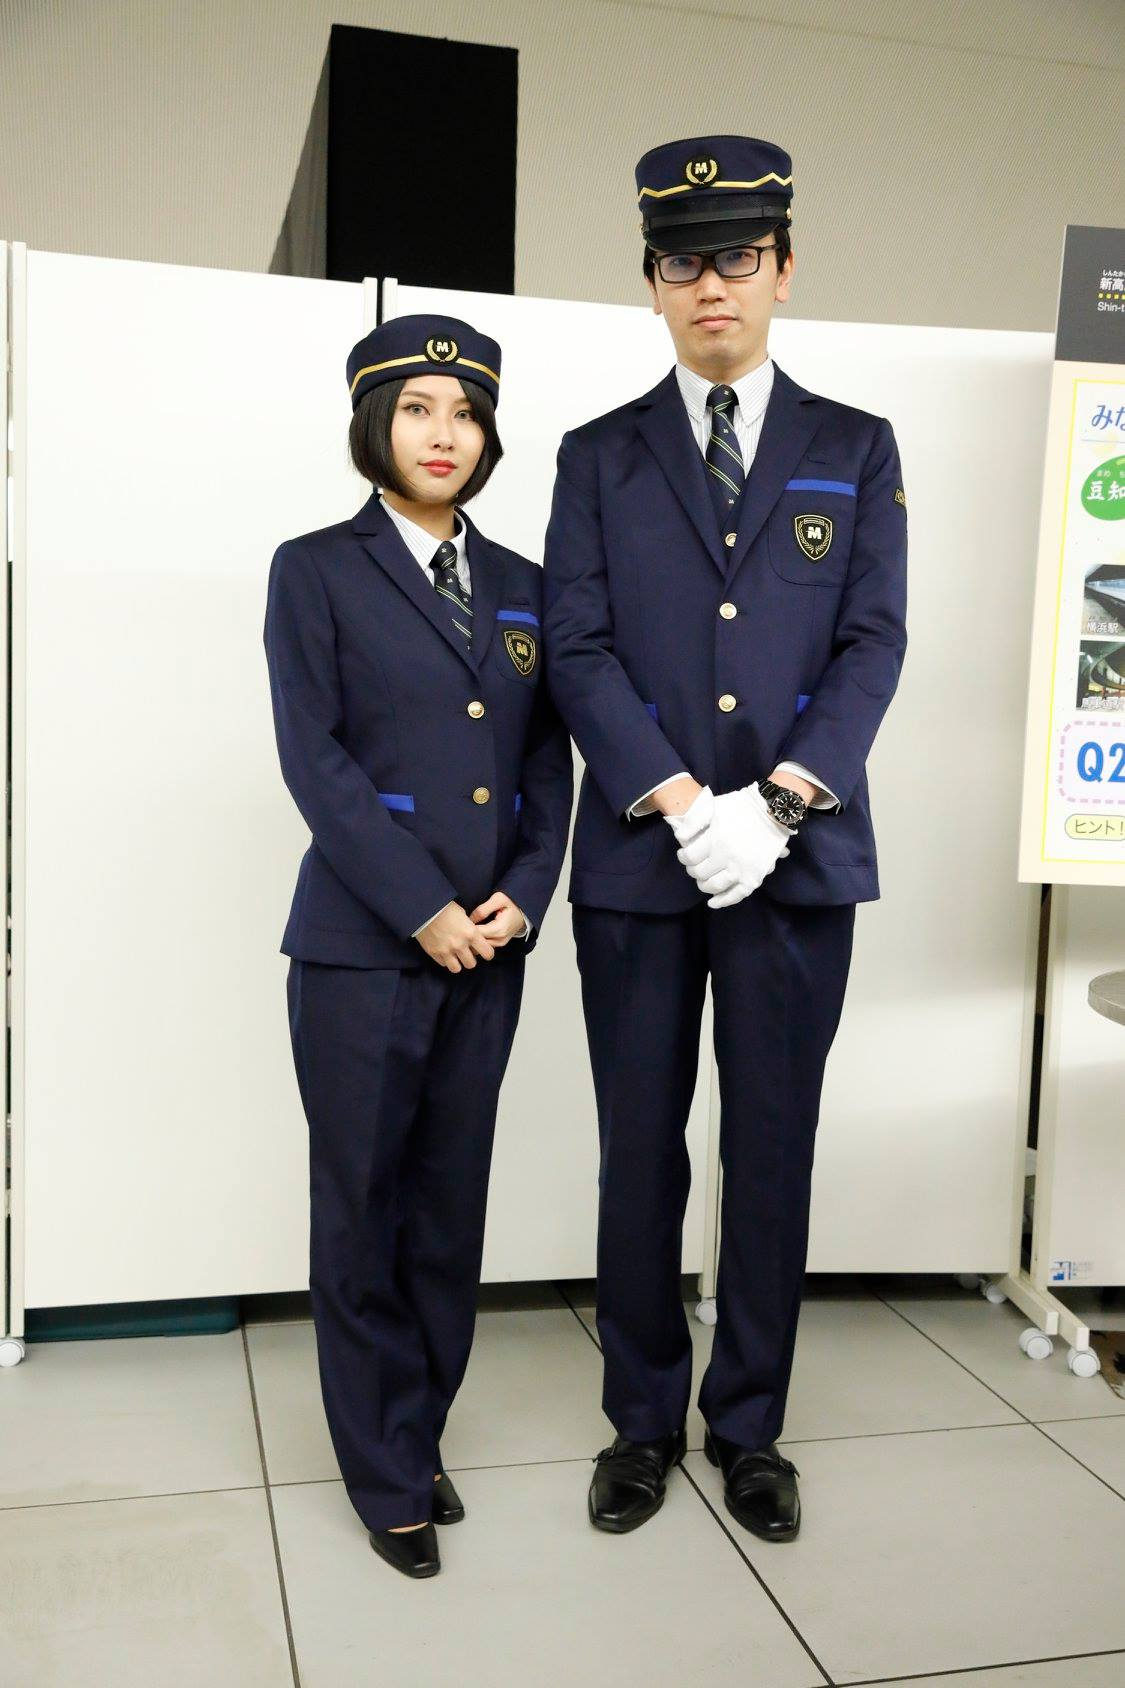 みなとみらい線駅員の新制服を横浜fカレッジ学生がデザイン ...